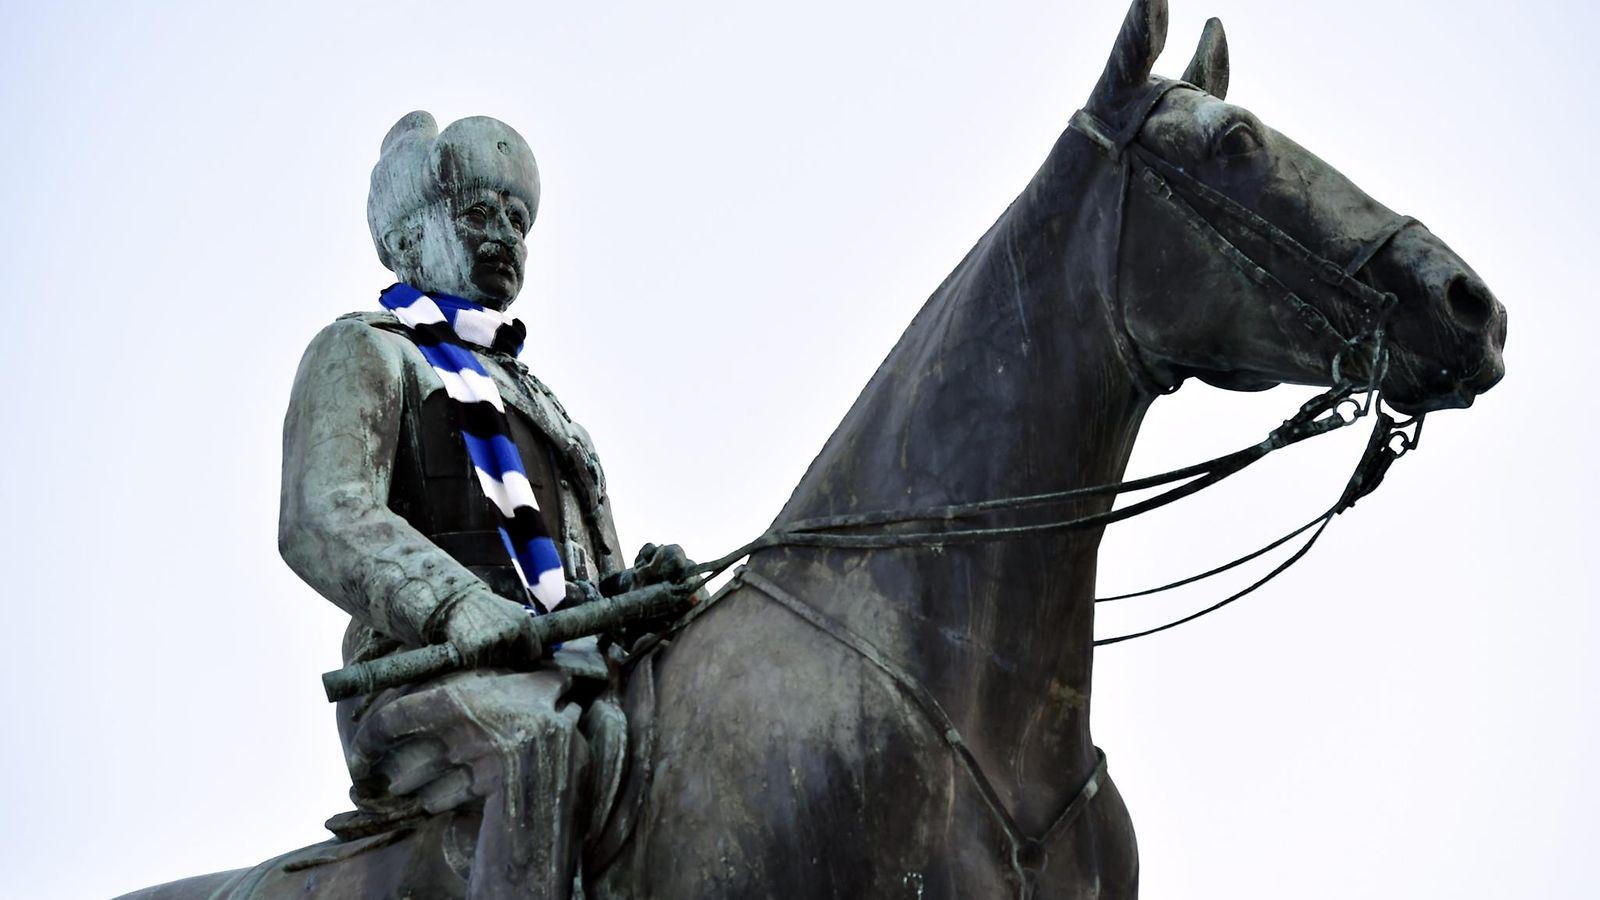 Mannerheimille huivi, Hesarille uusi nimi, Ylen tornin valot: Näin Suomessa osallistutaan Viron ...